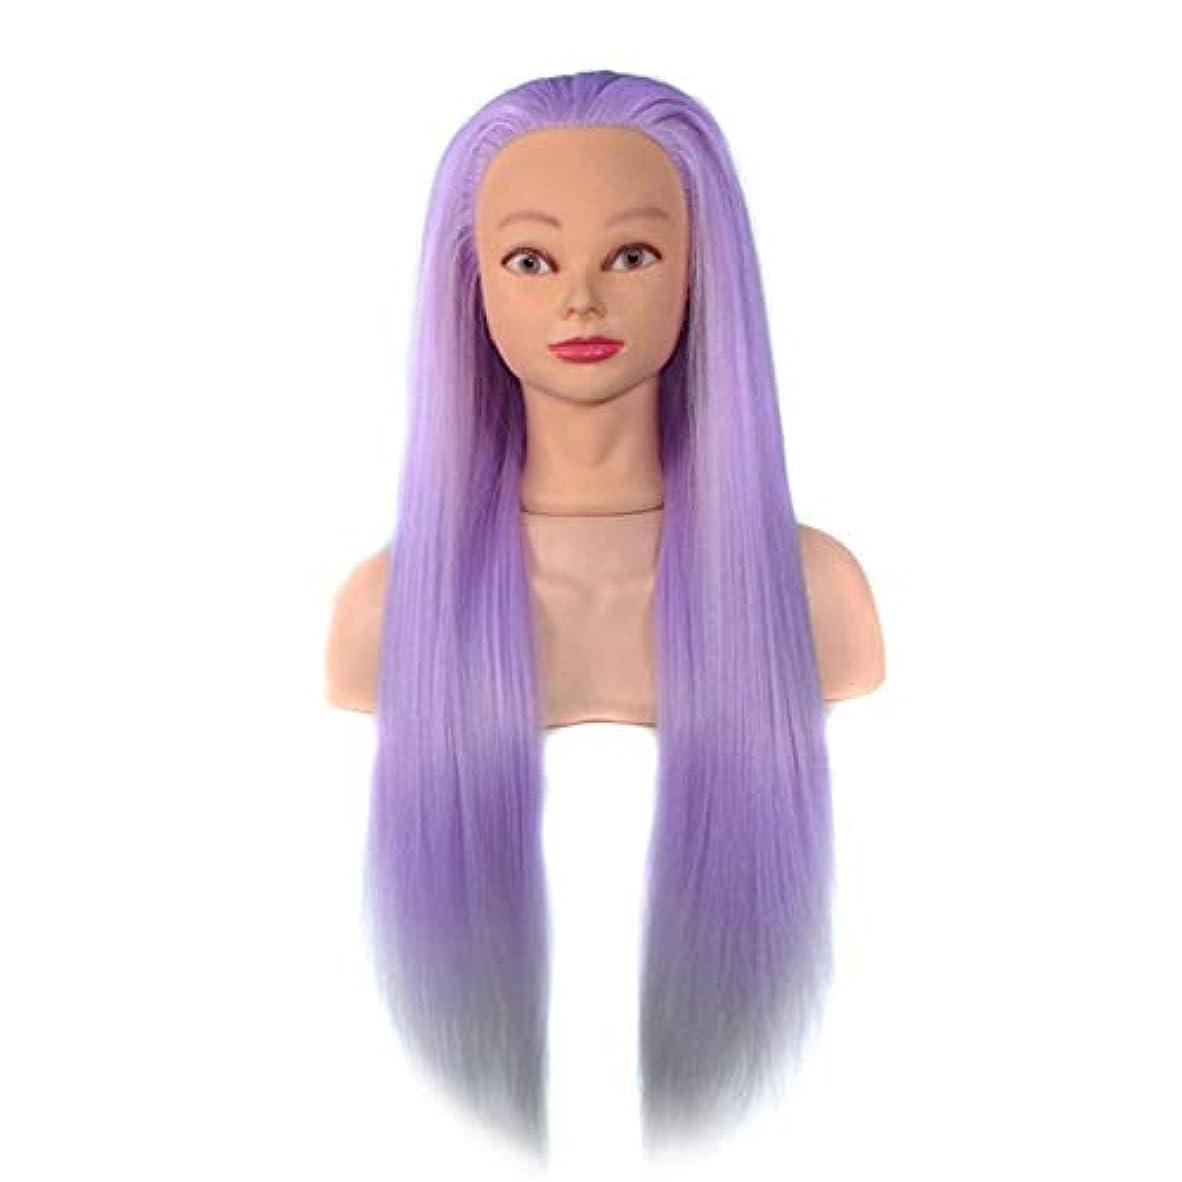 スノーケルプレミアム文芸ヘアサロンスタイリング練習ヘッドモデル美容院高温シルク花嫁編組トレーニングヘッド人体モデル人形モデル60センチ,Purple